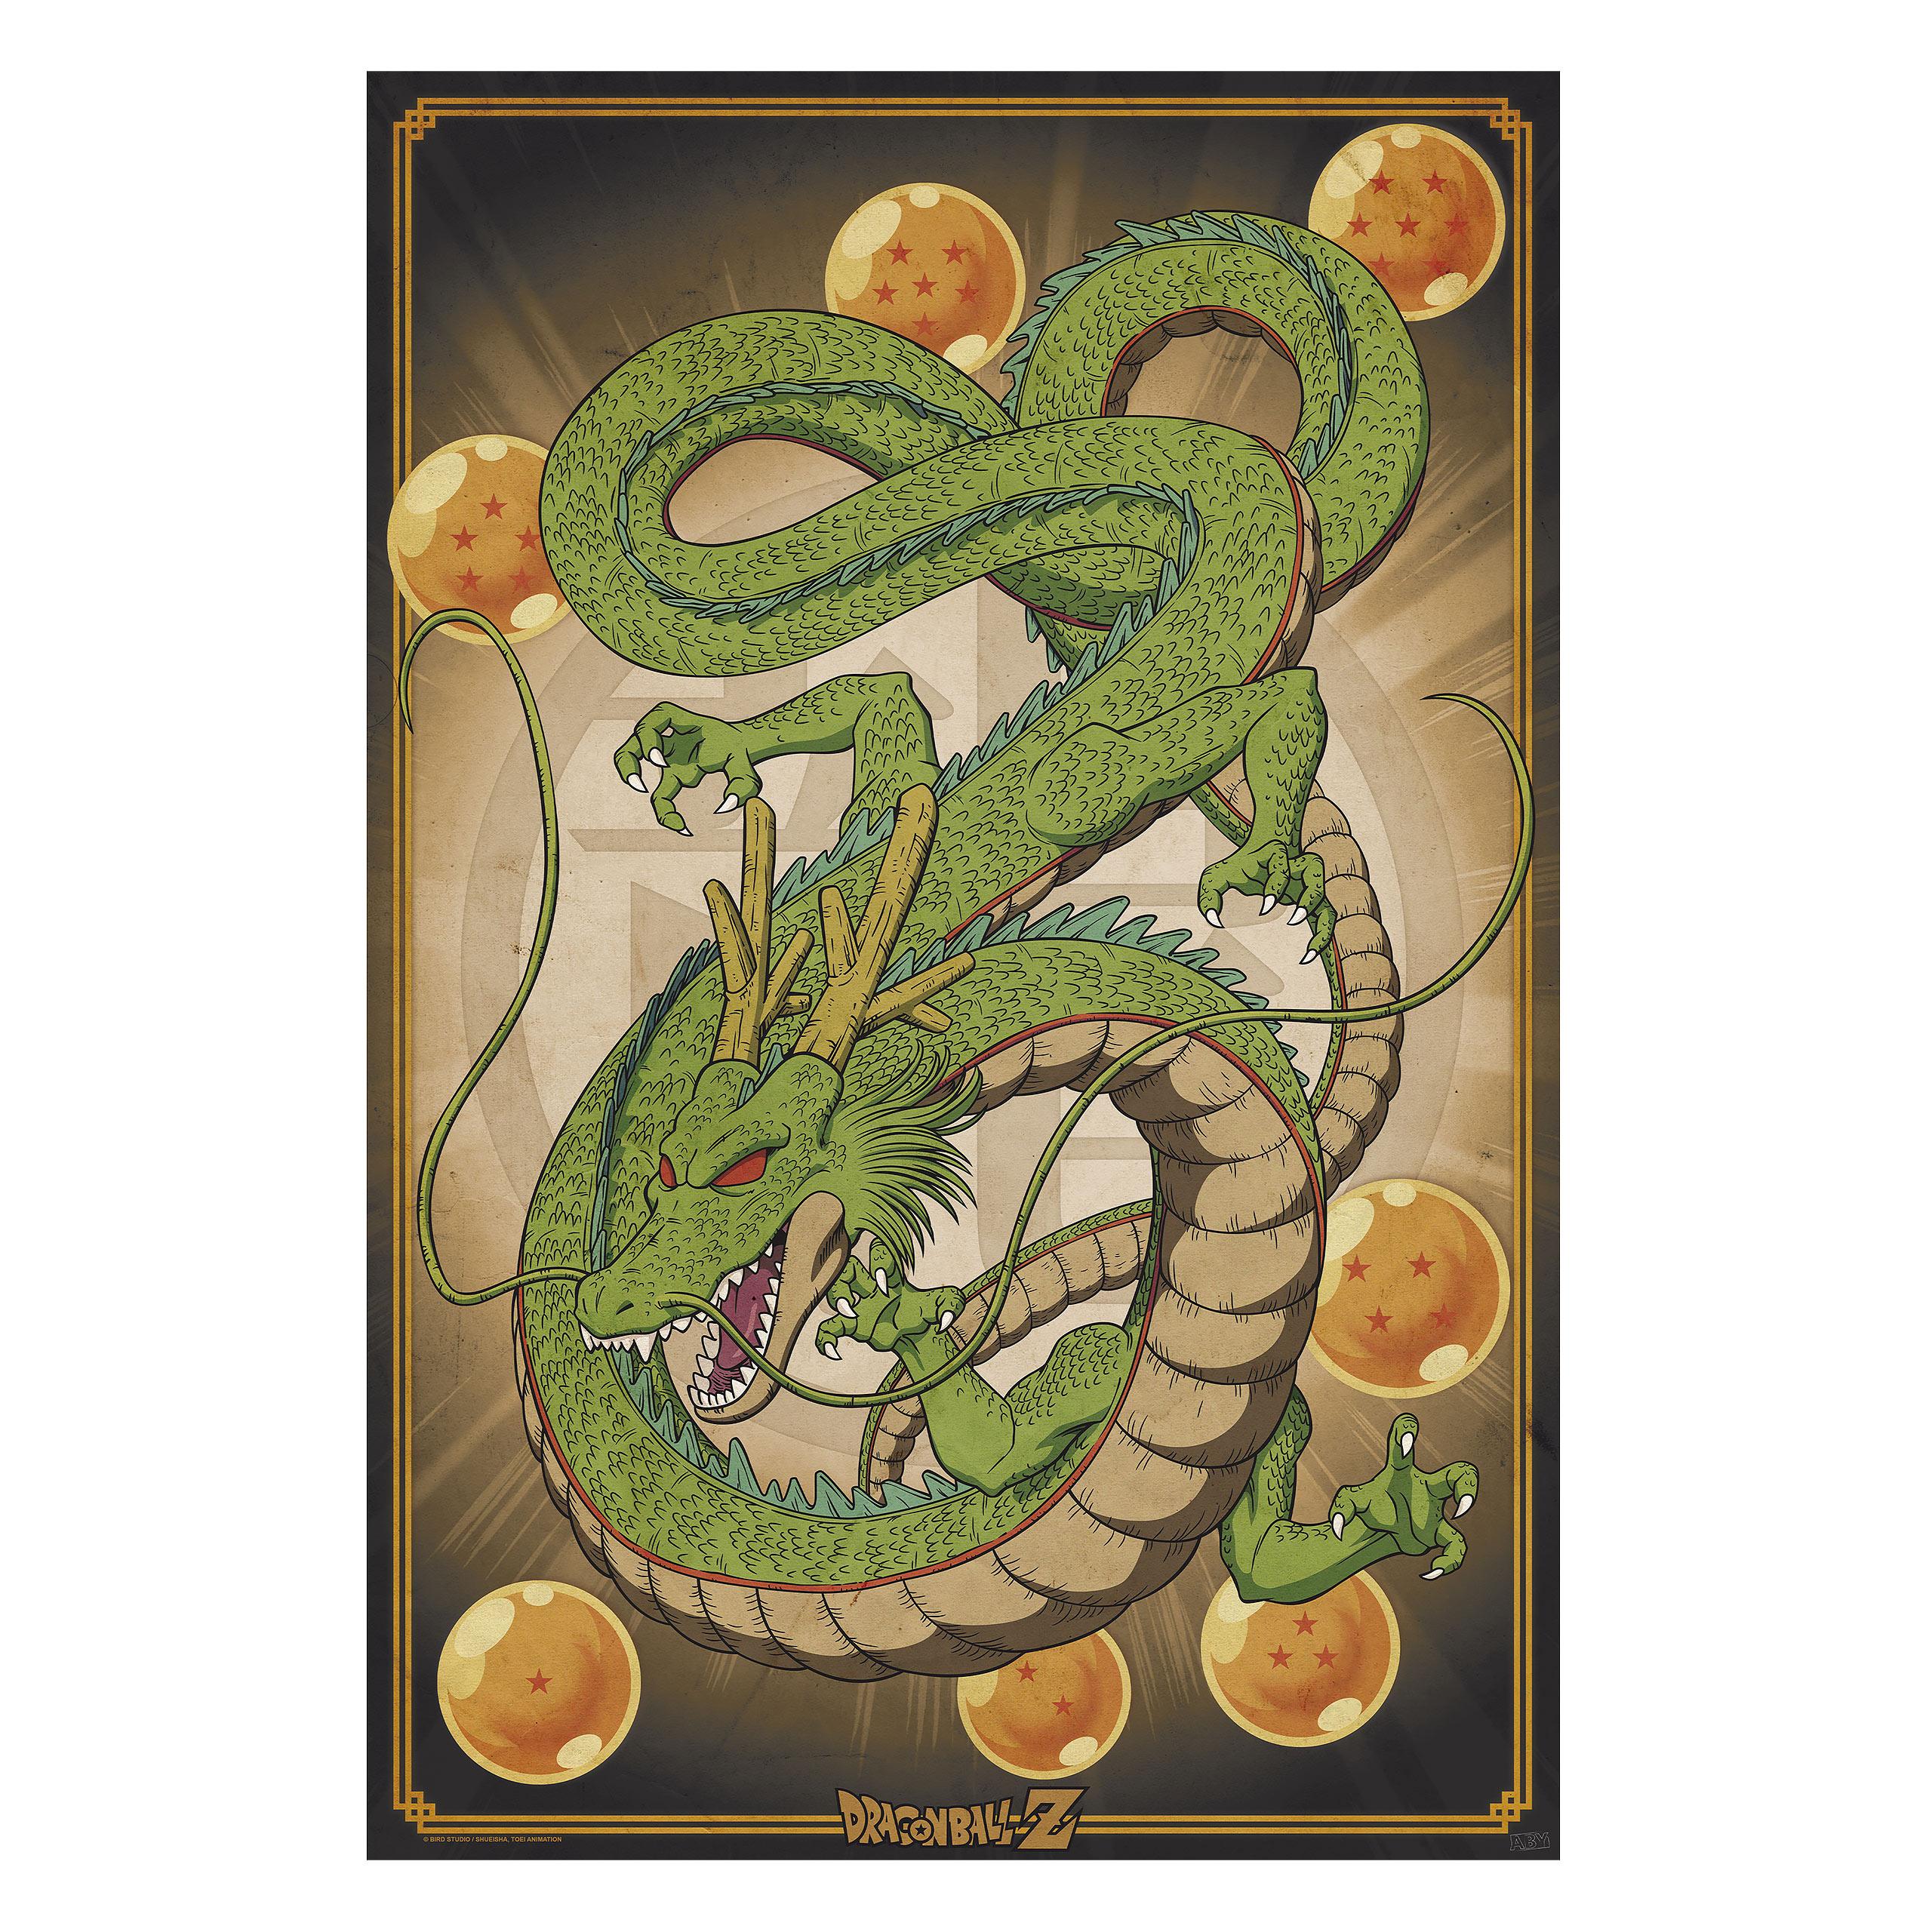 Dragon Ball - Shenlong Poster